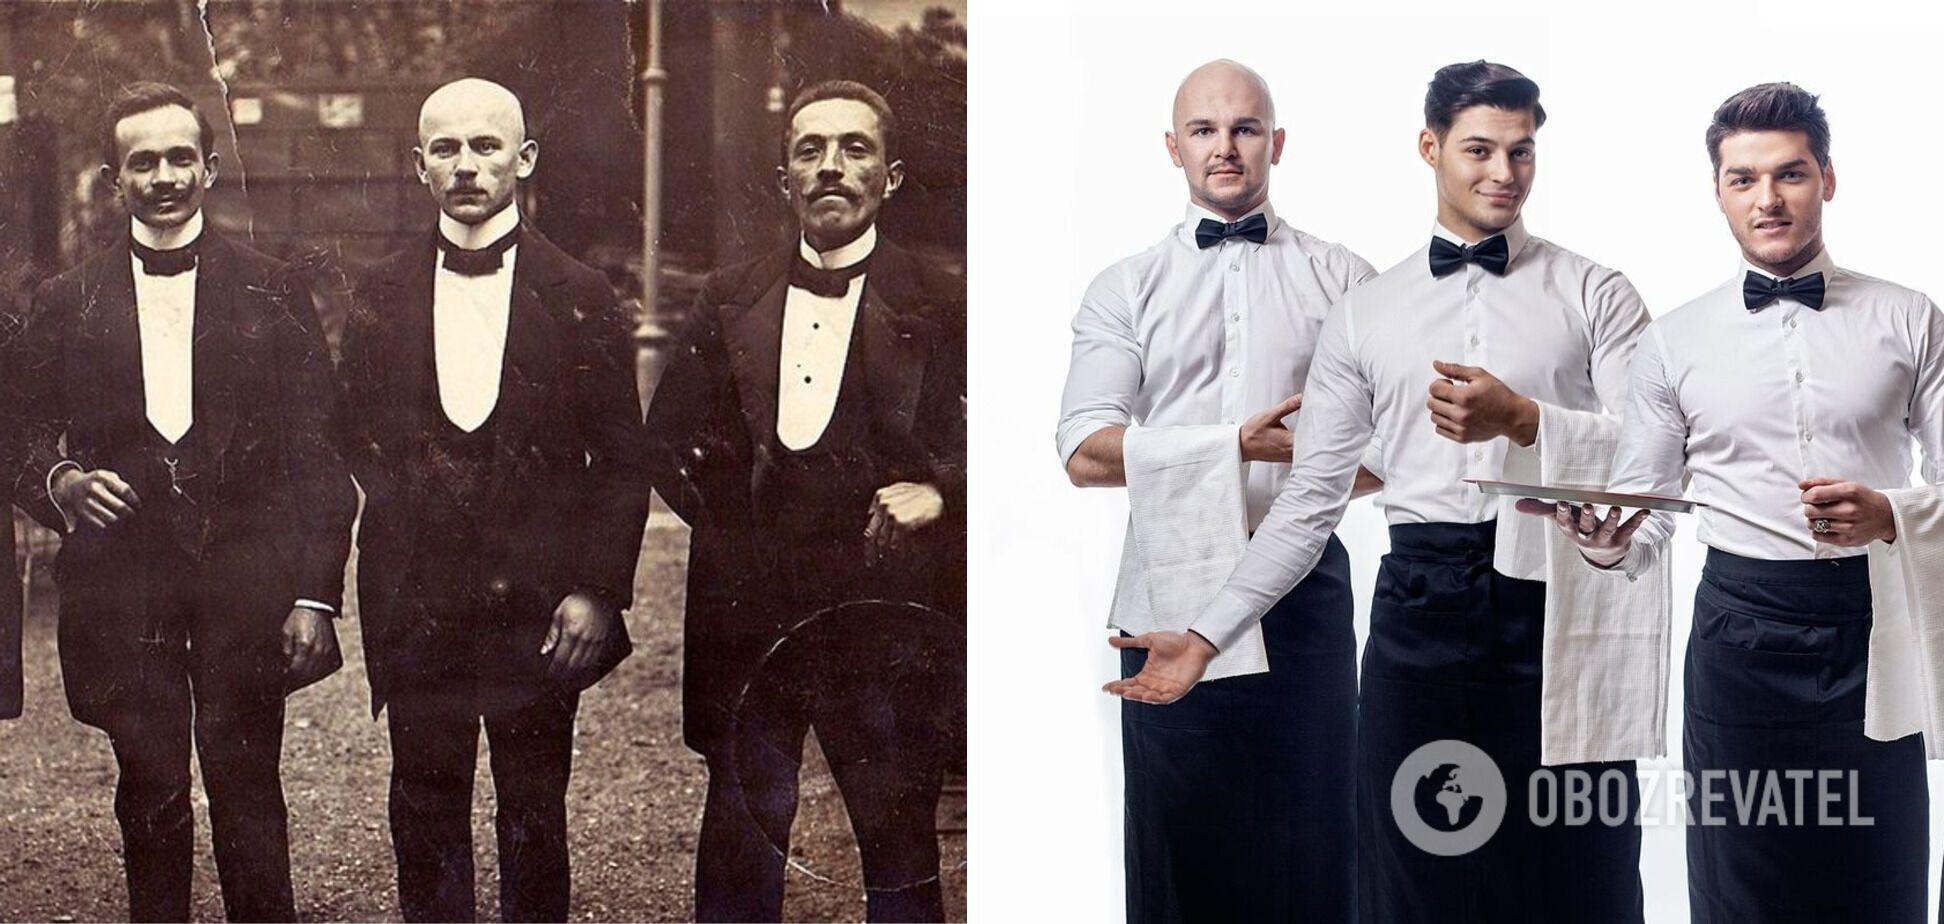 Официанты в 1931 году и современные работники ресторана выглядят элегантно.